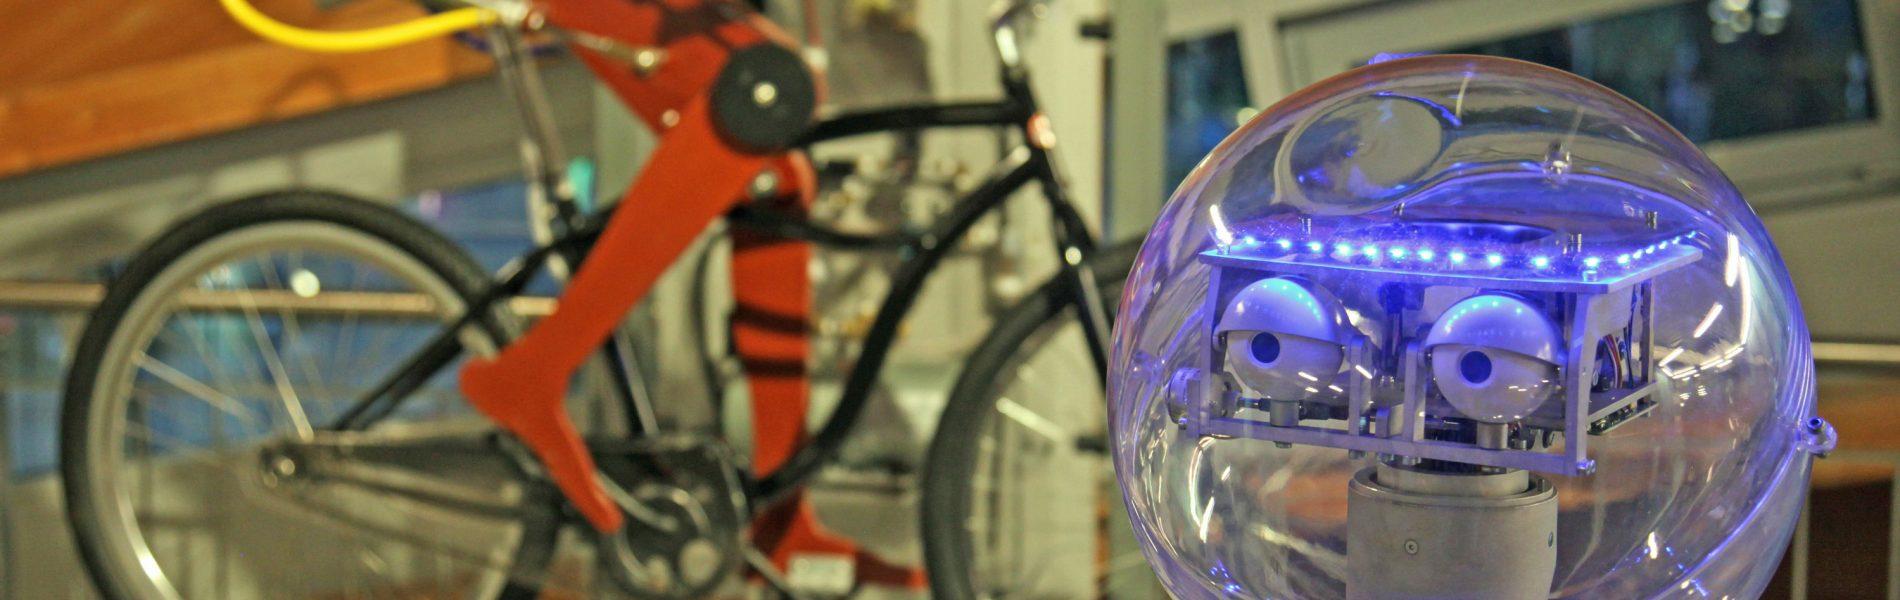 Dieses Bild zeigt den Kopf eines Roboters und Roboterbeine auf einem Fahrrad bei der langen Nacht der Museen.